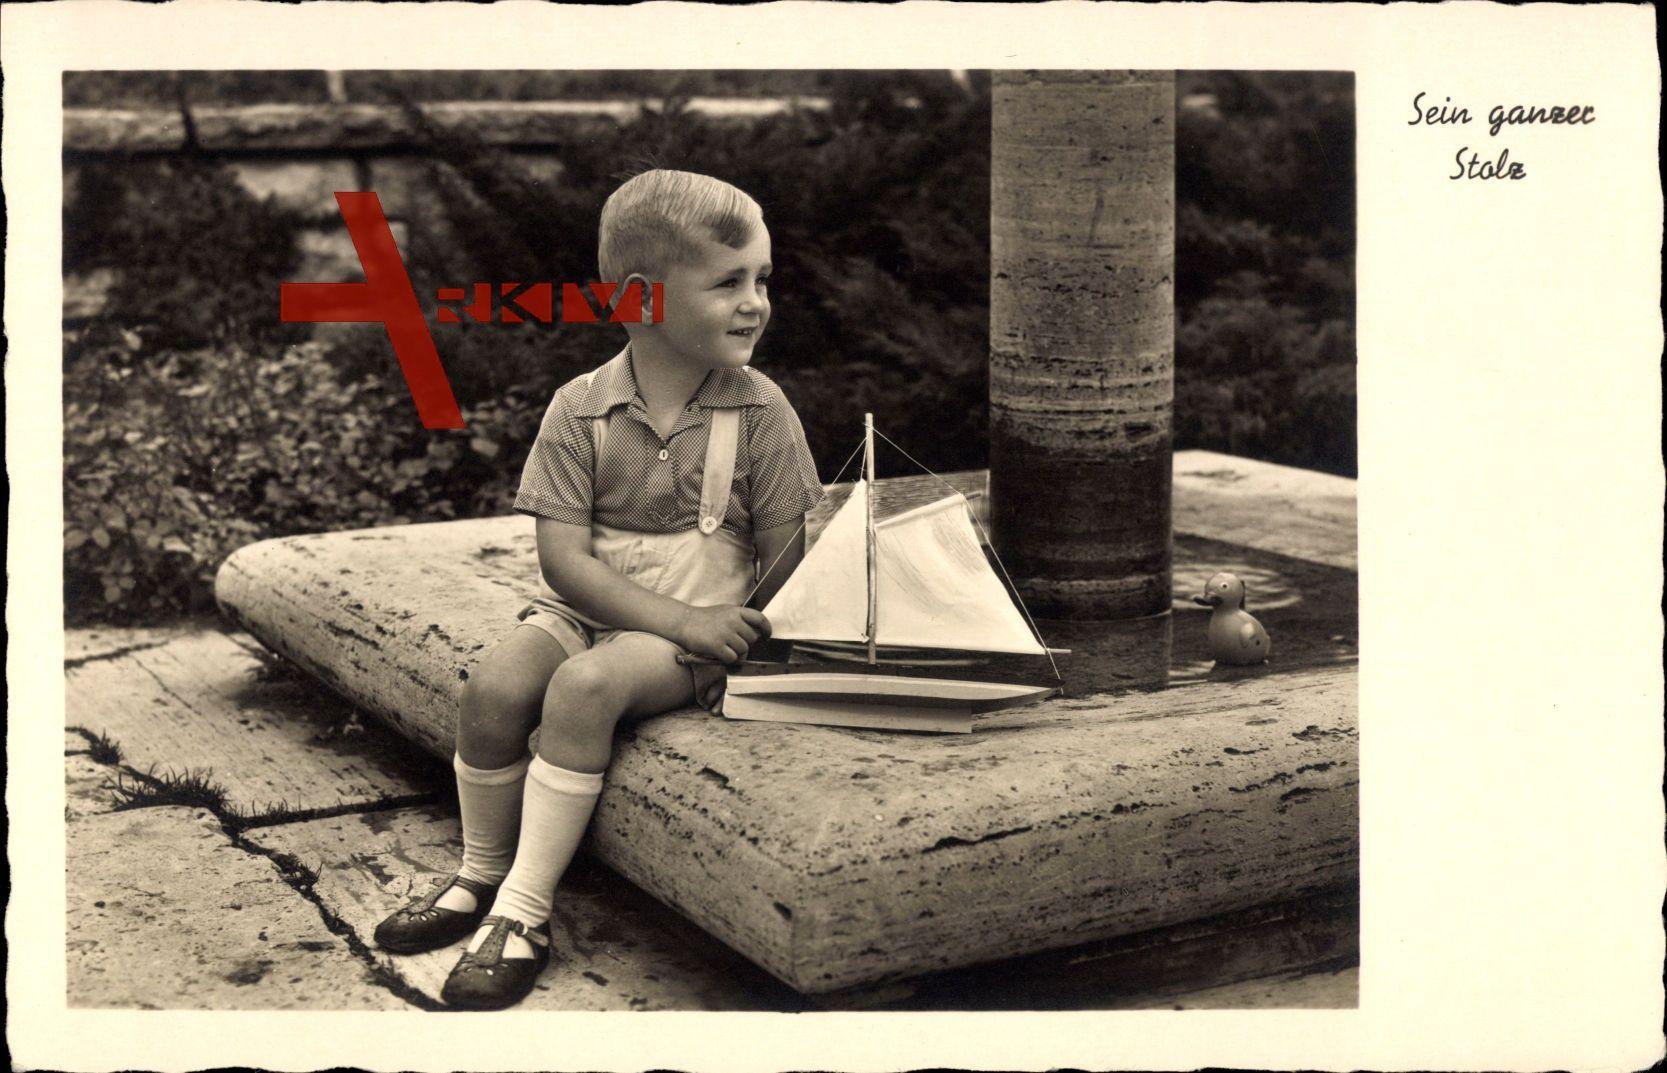 Sein ganzer Stolz, Junge mit seinem Holzboot, Spielzeug